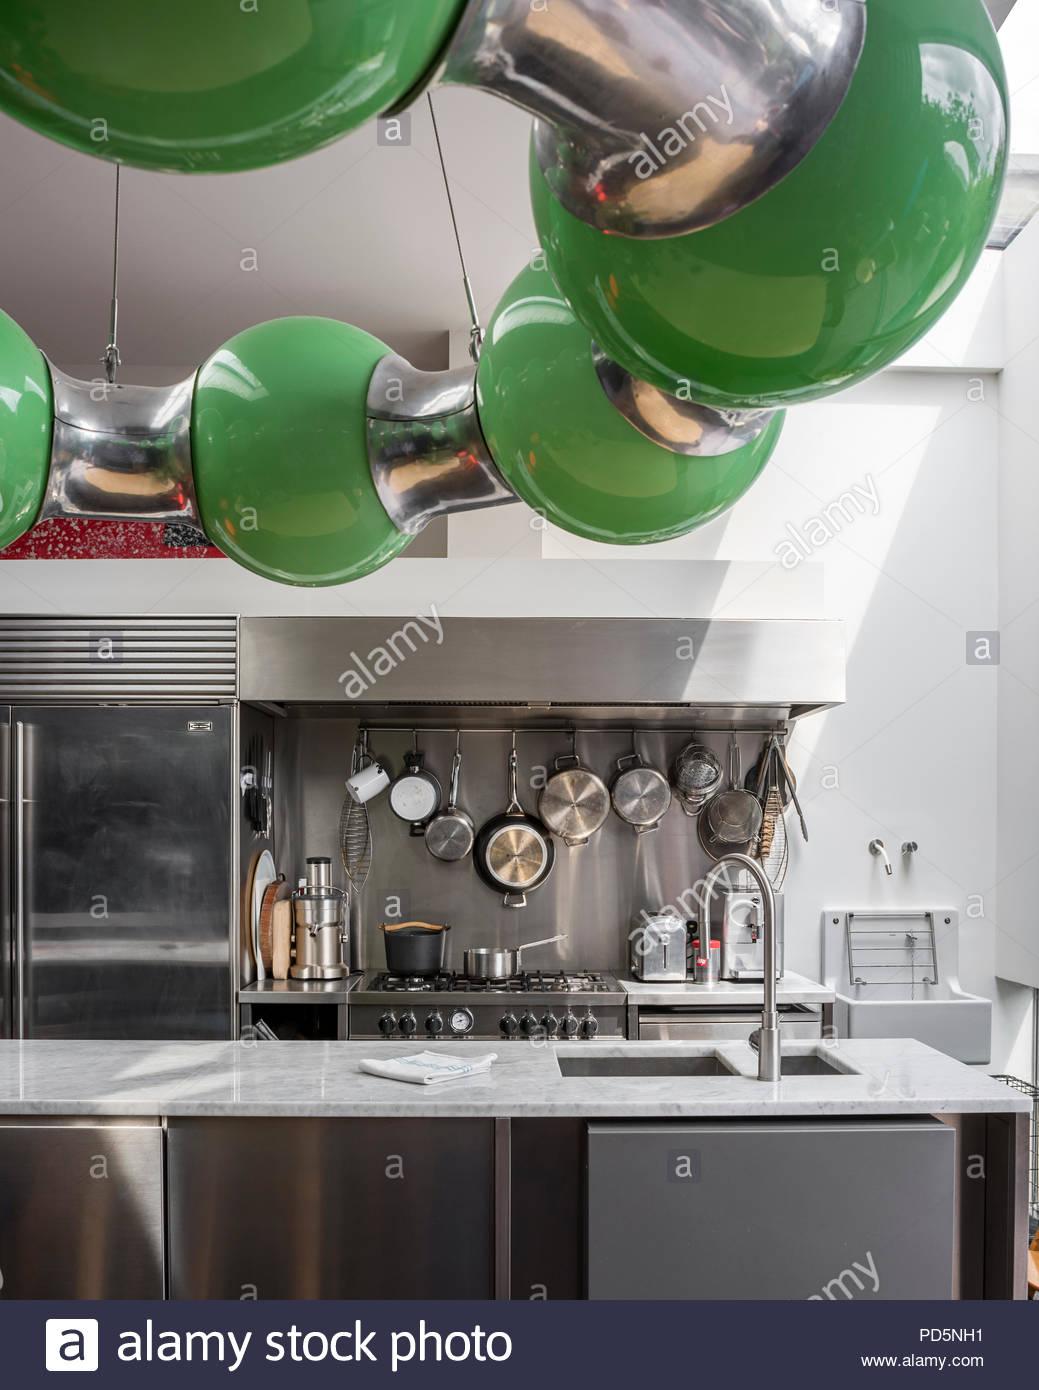 Full Size of Edelstahl Küchen Edelstahlküche Gebraucht Regal Garten Outdoor Küche Wohnzimmer Edelstahl Küchen